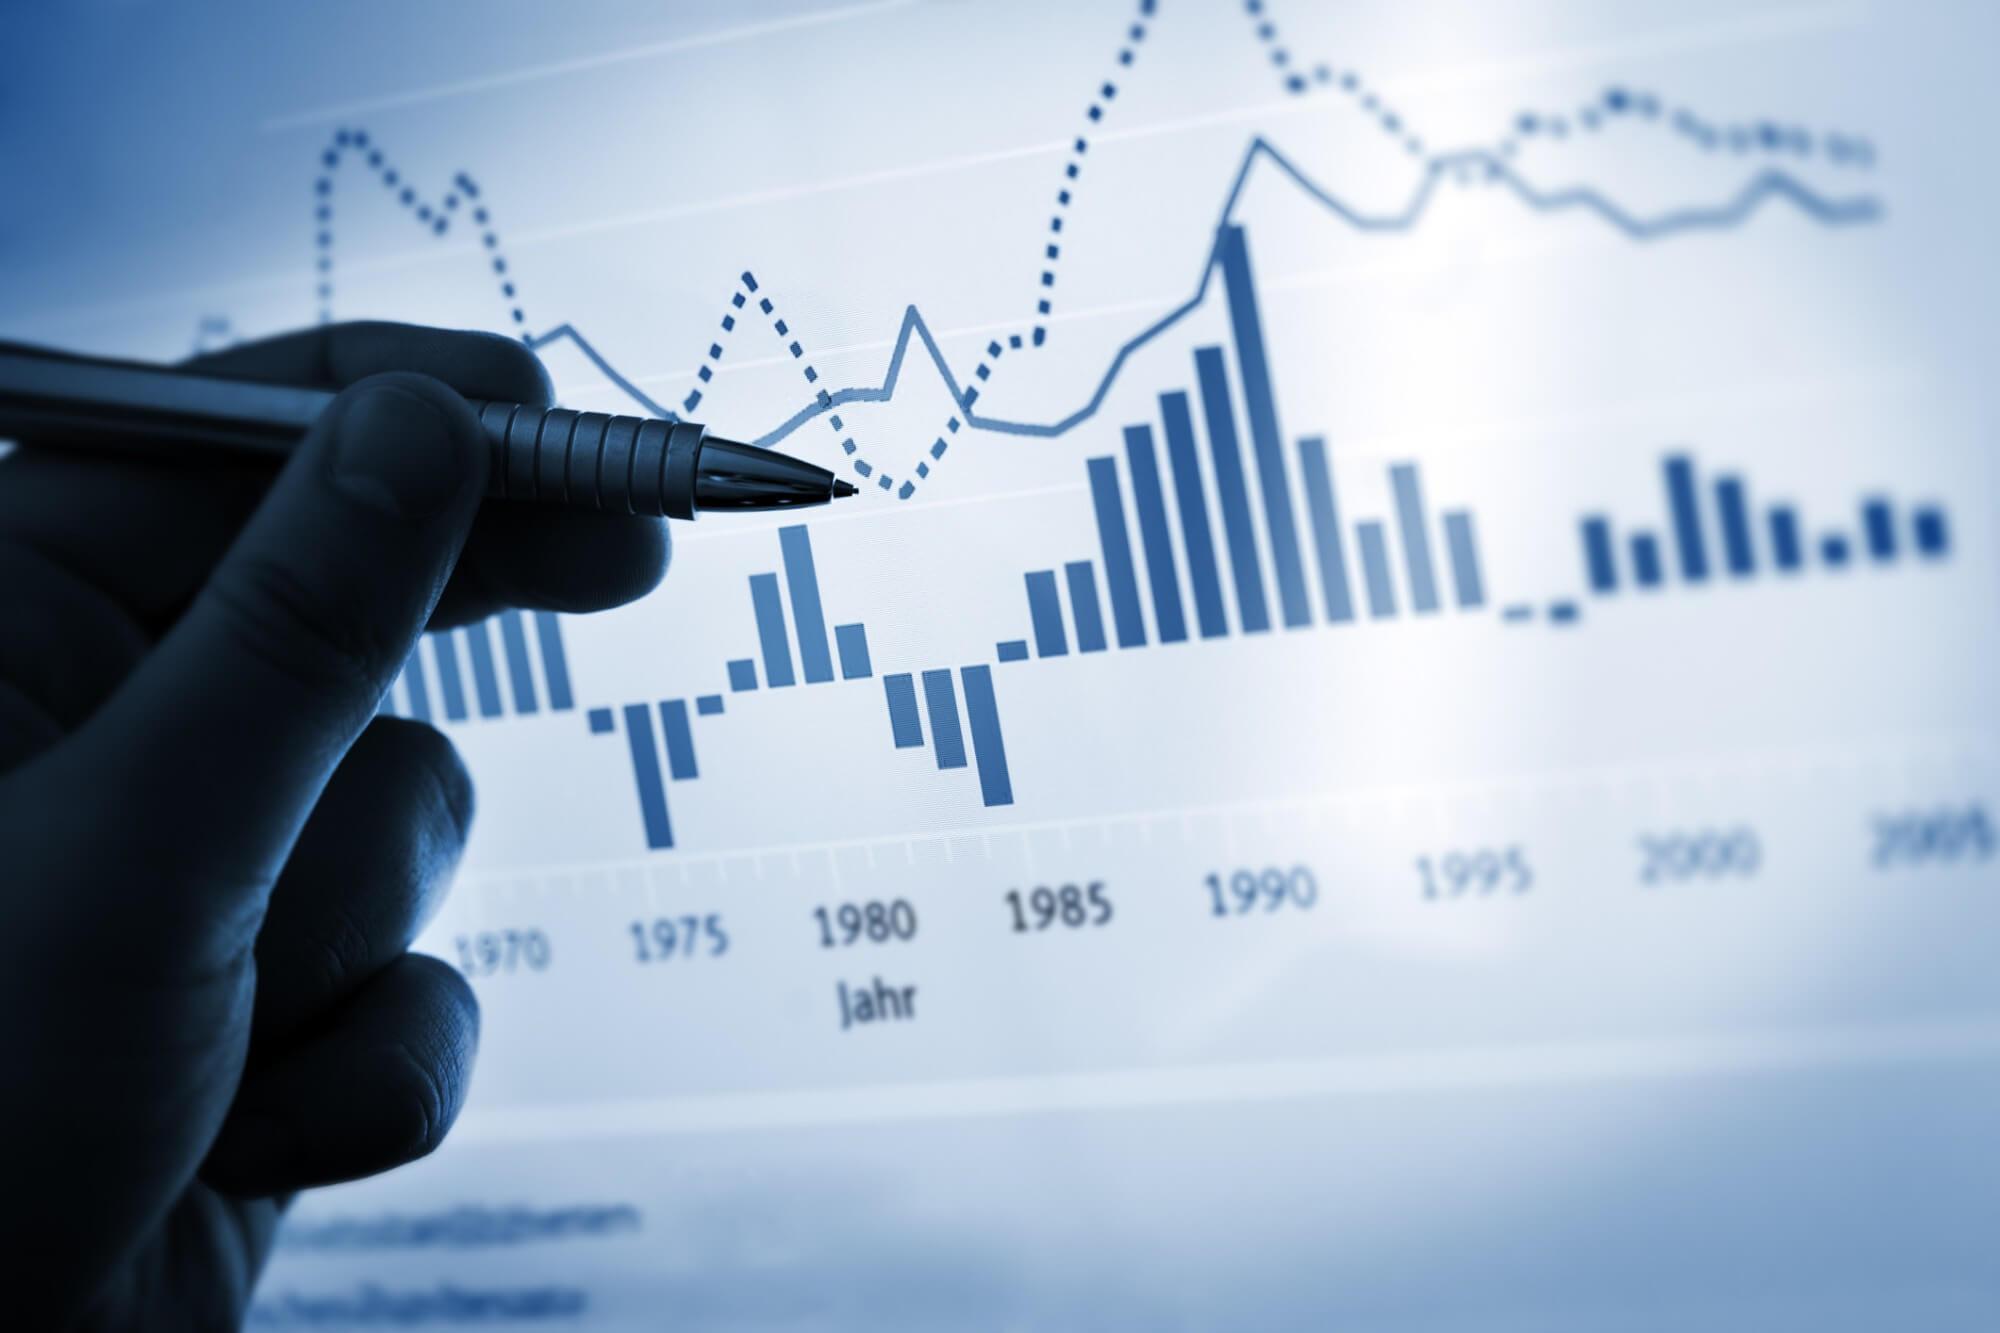 termos mercado financeiro